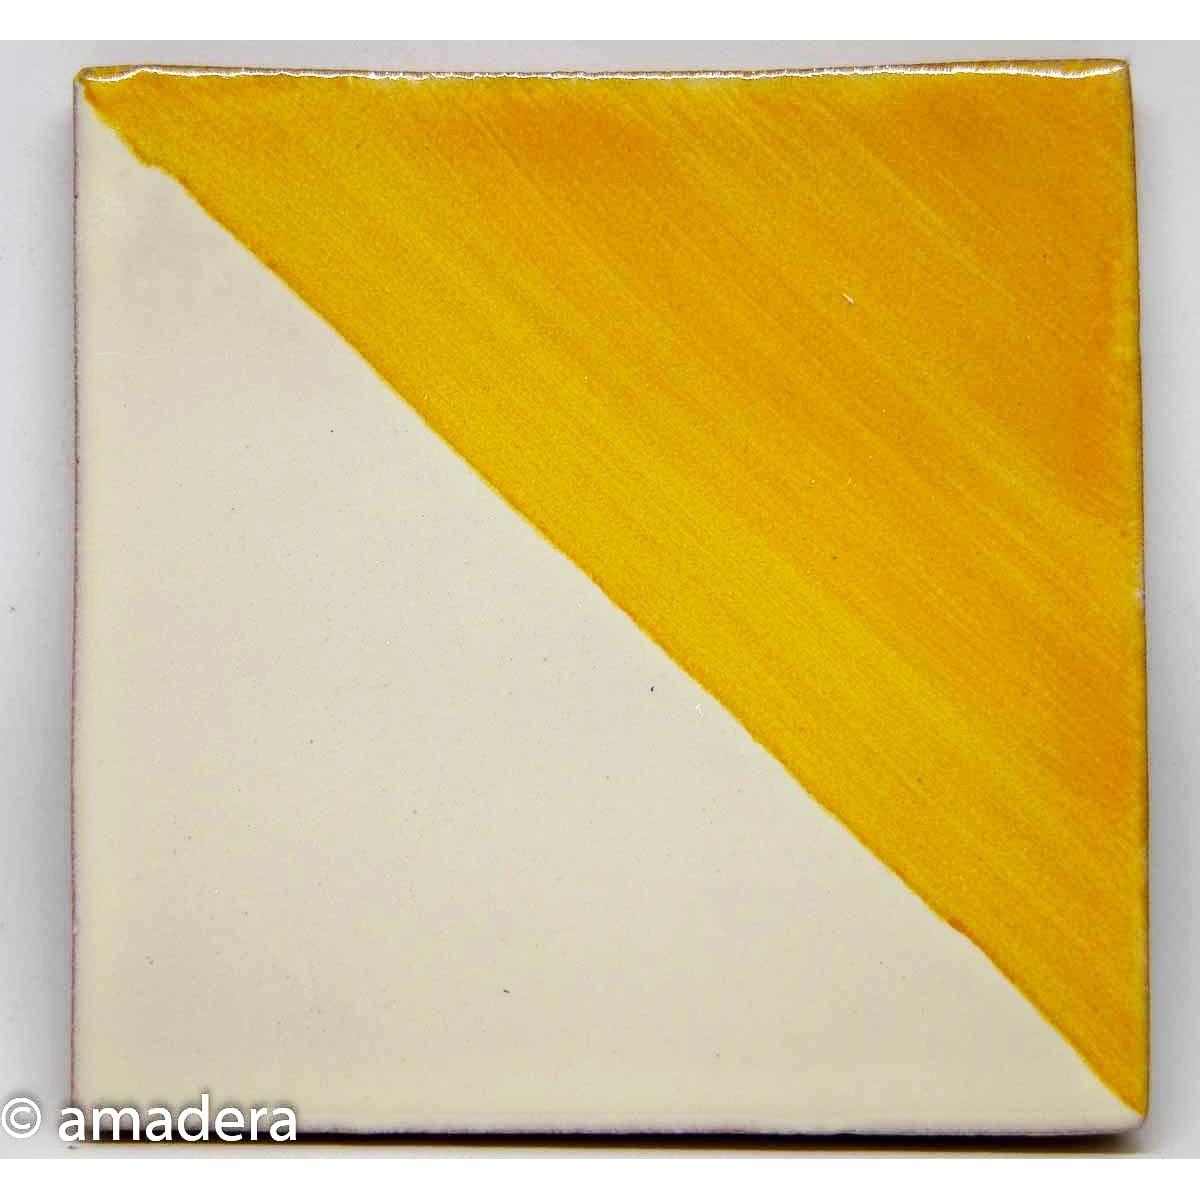 Azulejos HJ 10.5x10.5